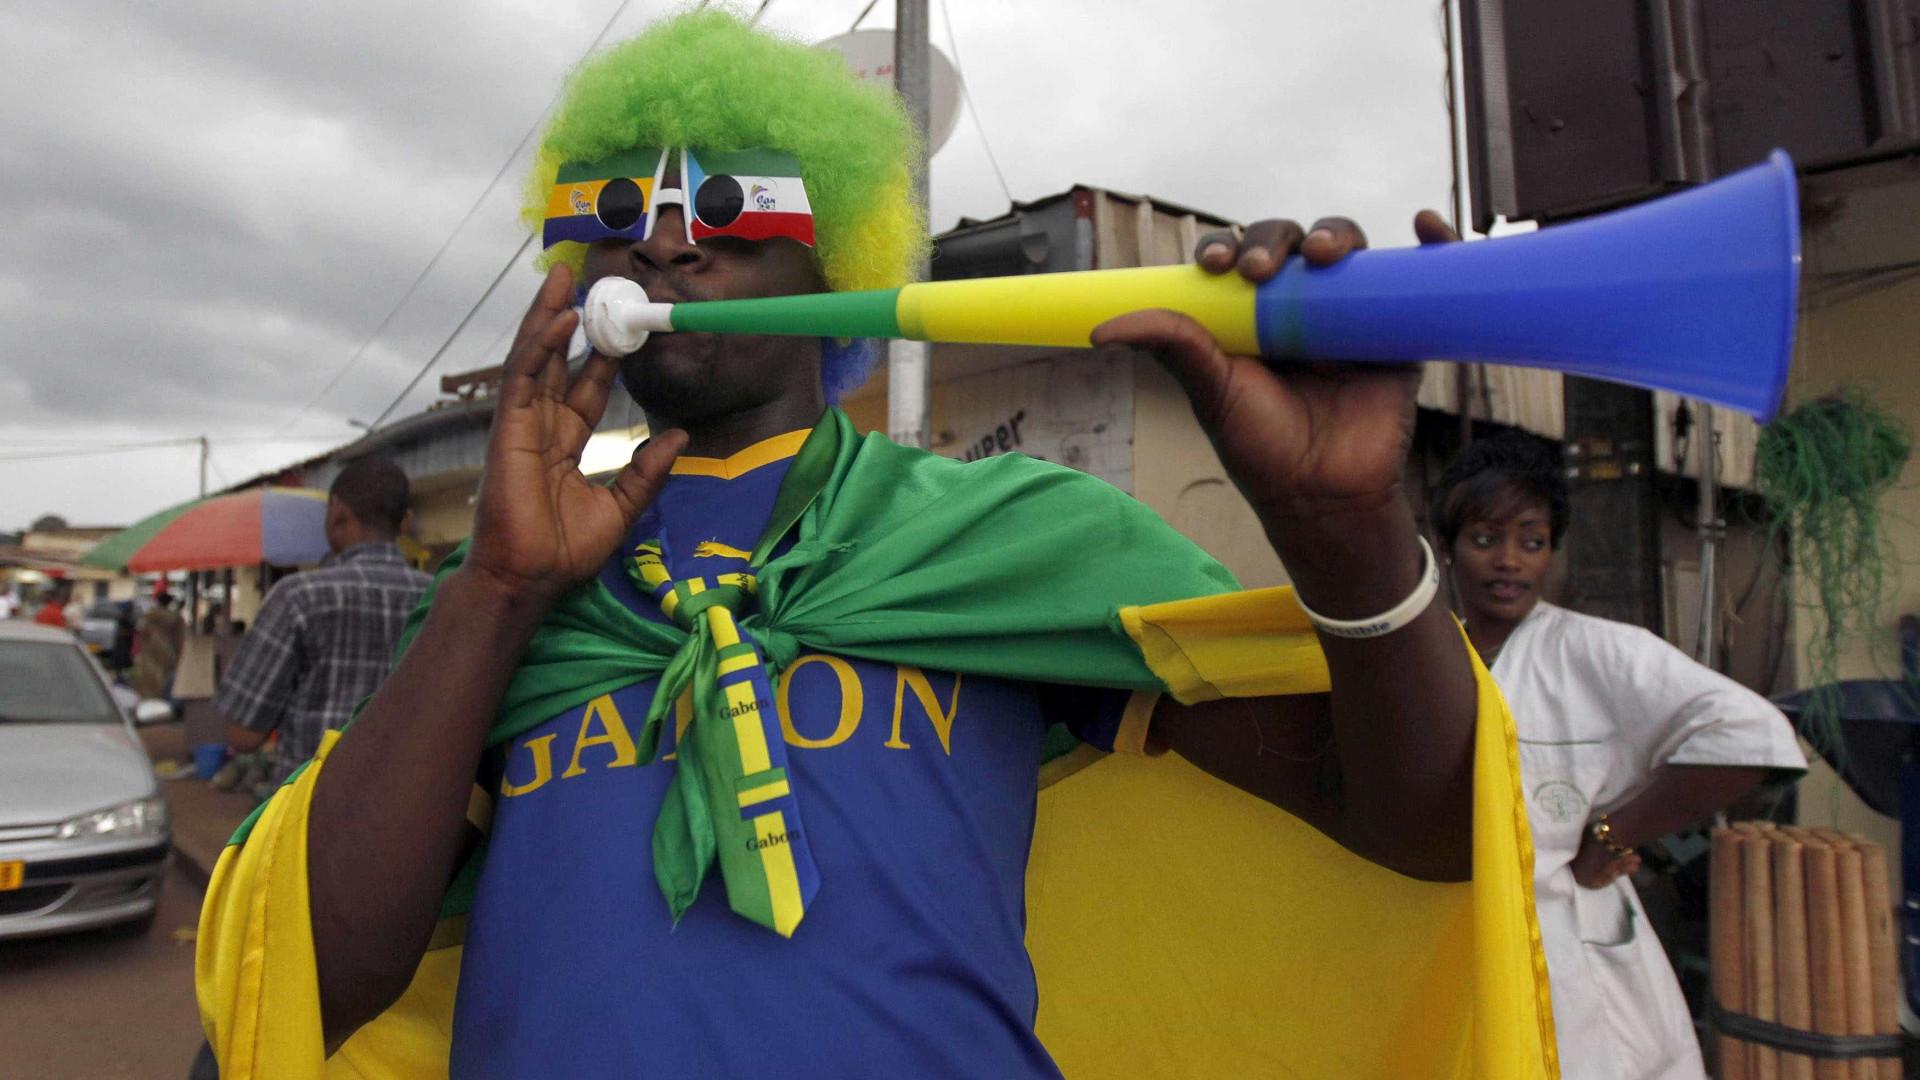 Nesta Copa do Mundo, torça, mas tome cuidado com a audição